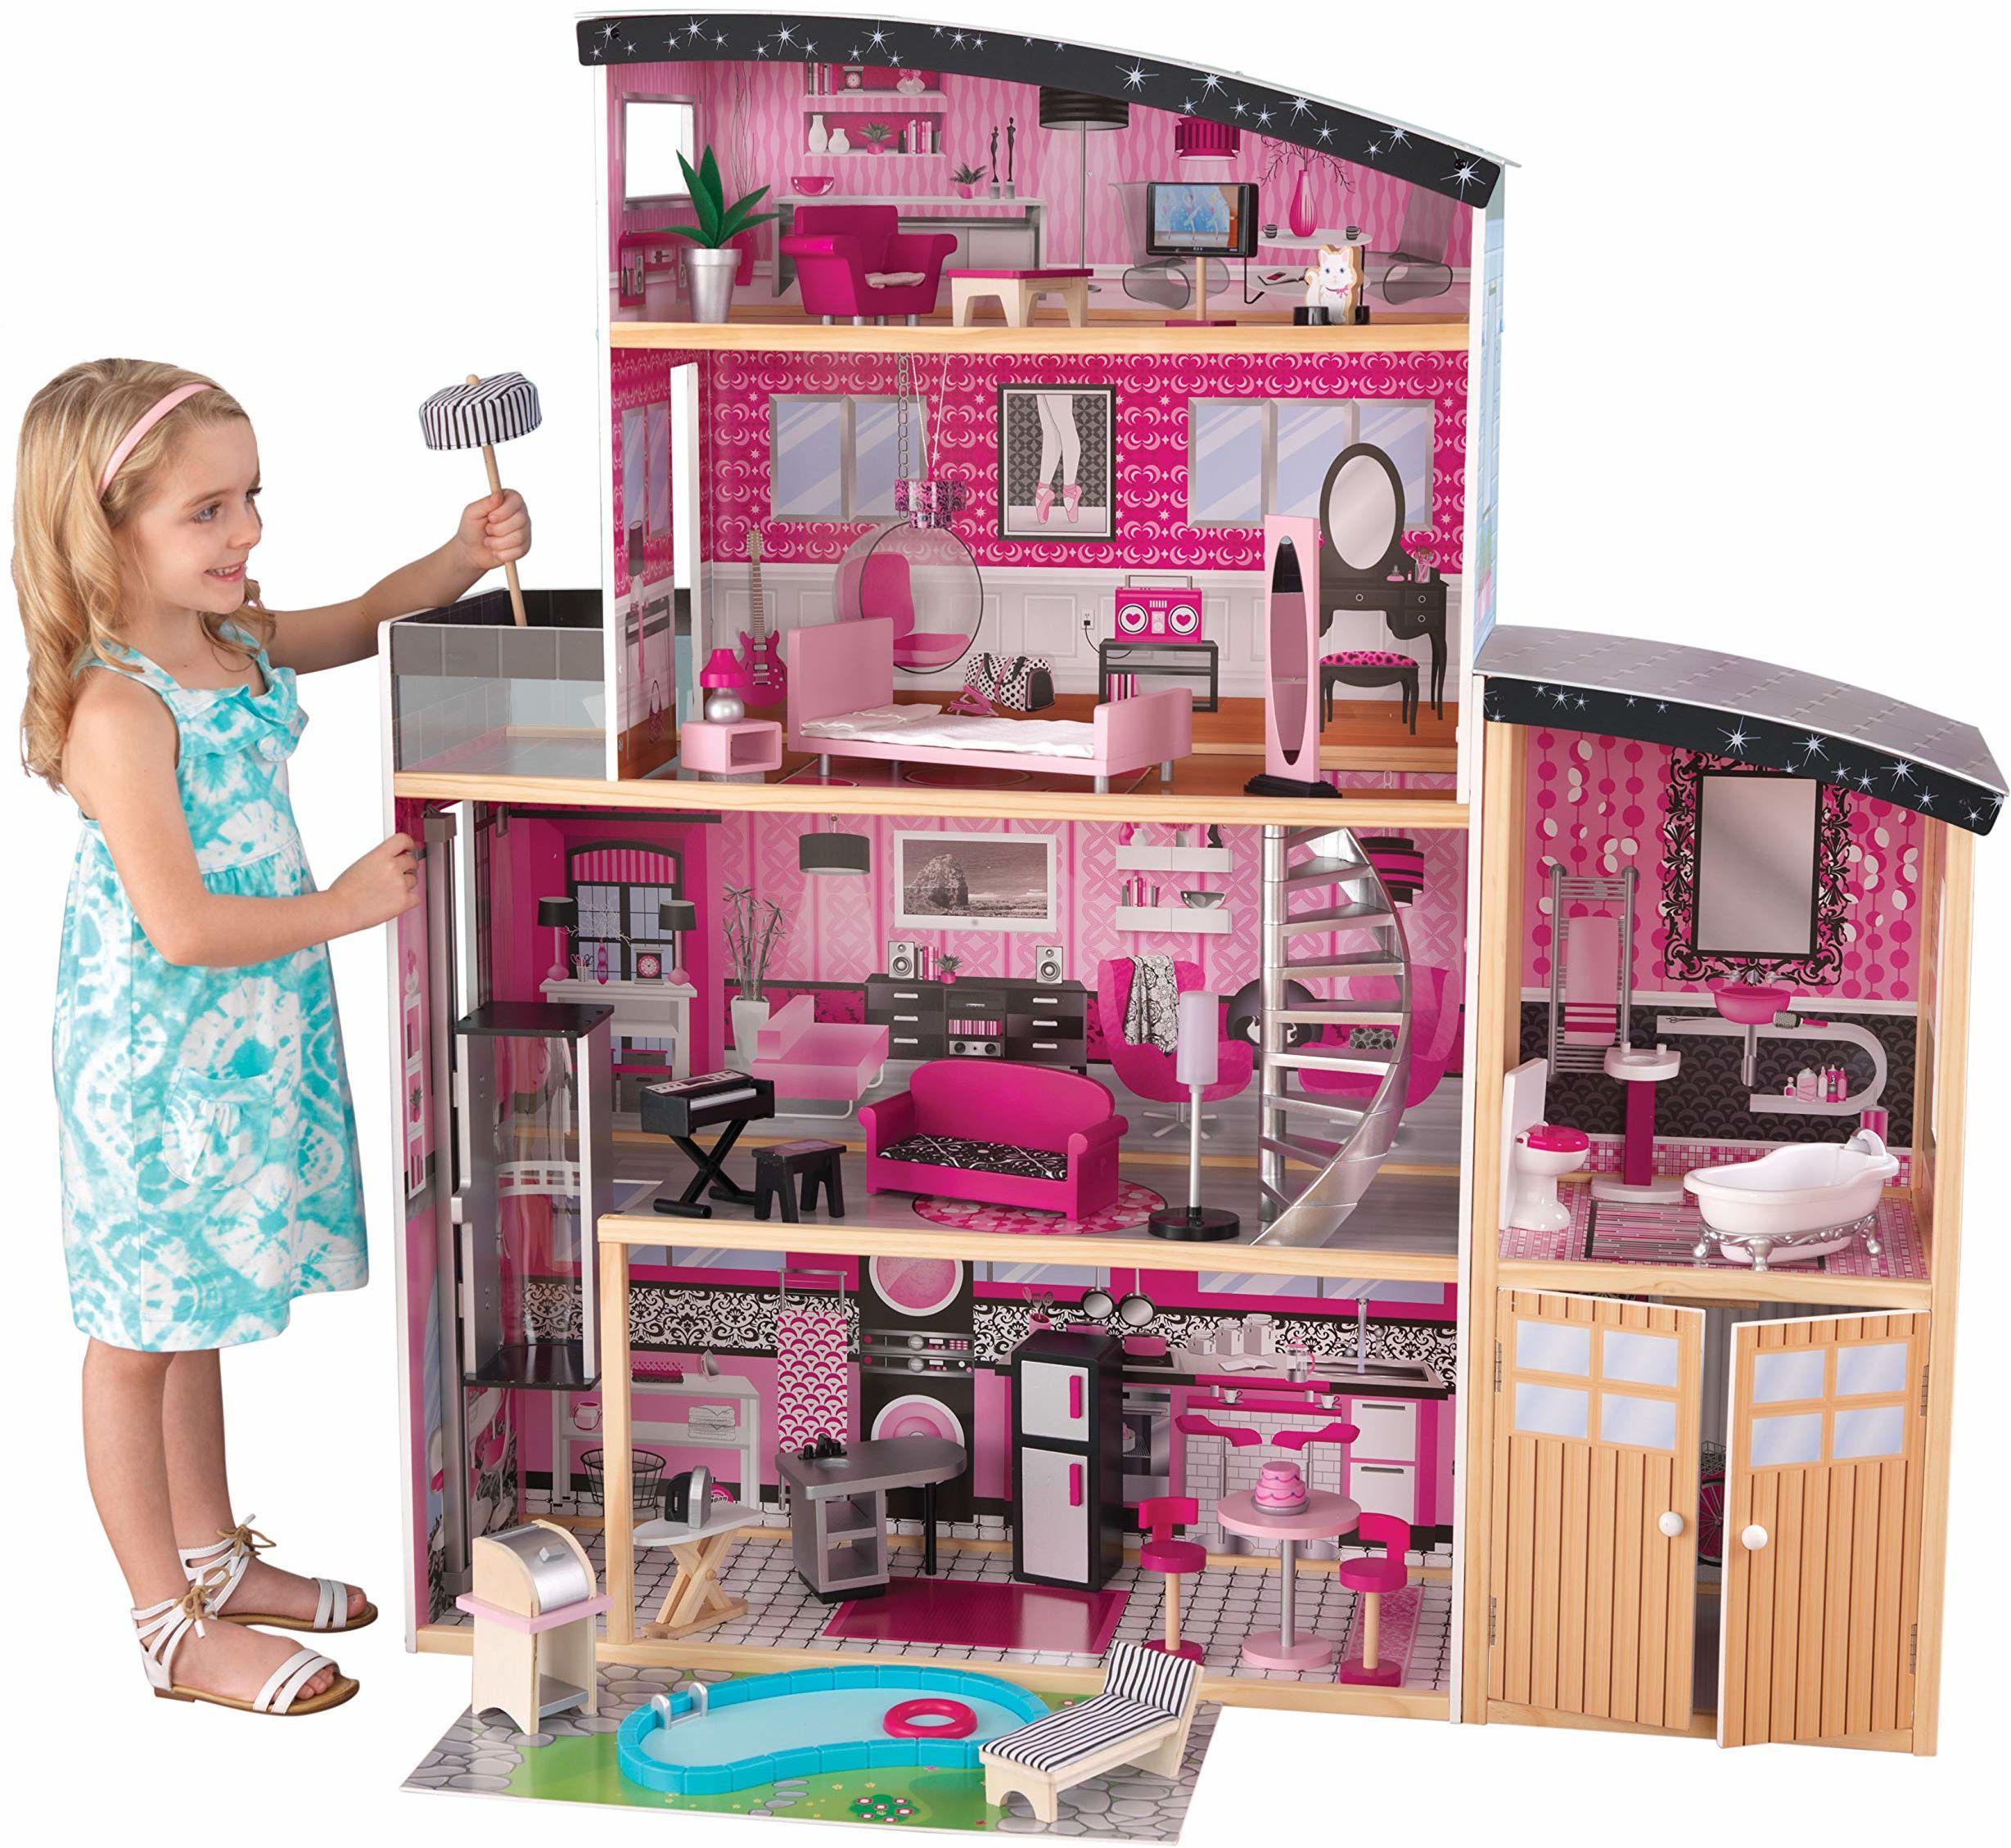 KidKraft 65826 Sparkle Mansion drewniany domek dla lalek z meblami i akcesoriami, 3-piętrowy zestaw zabaw dla lalek 30 cm